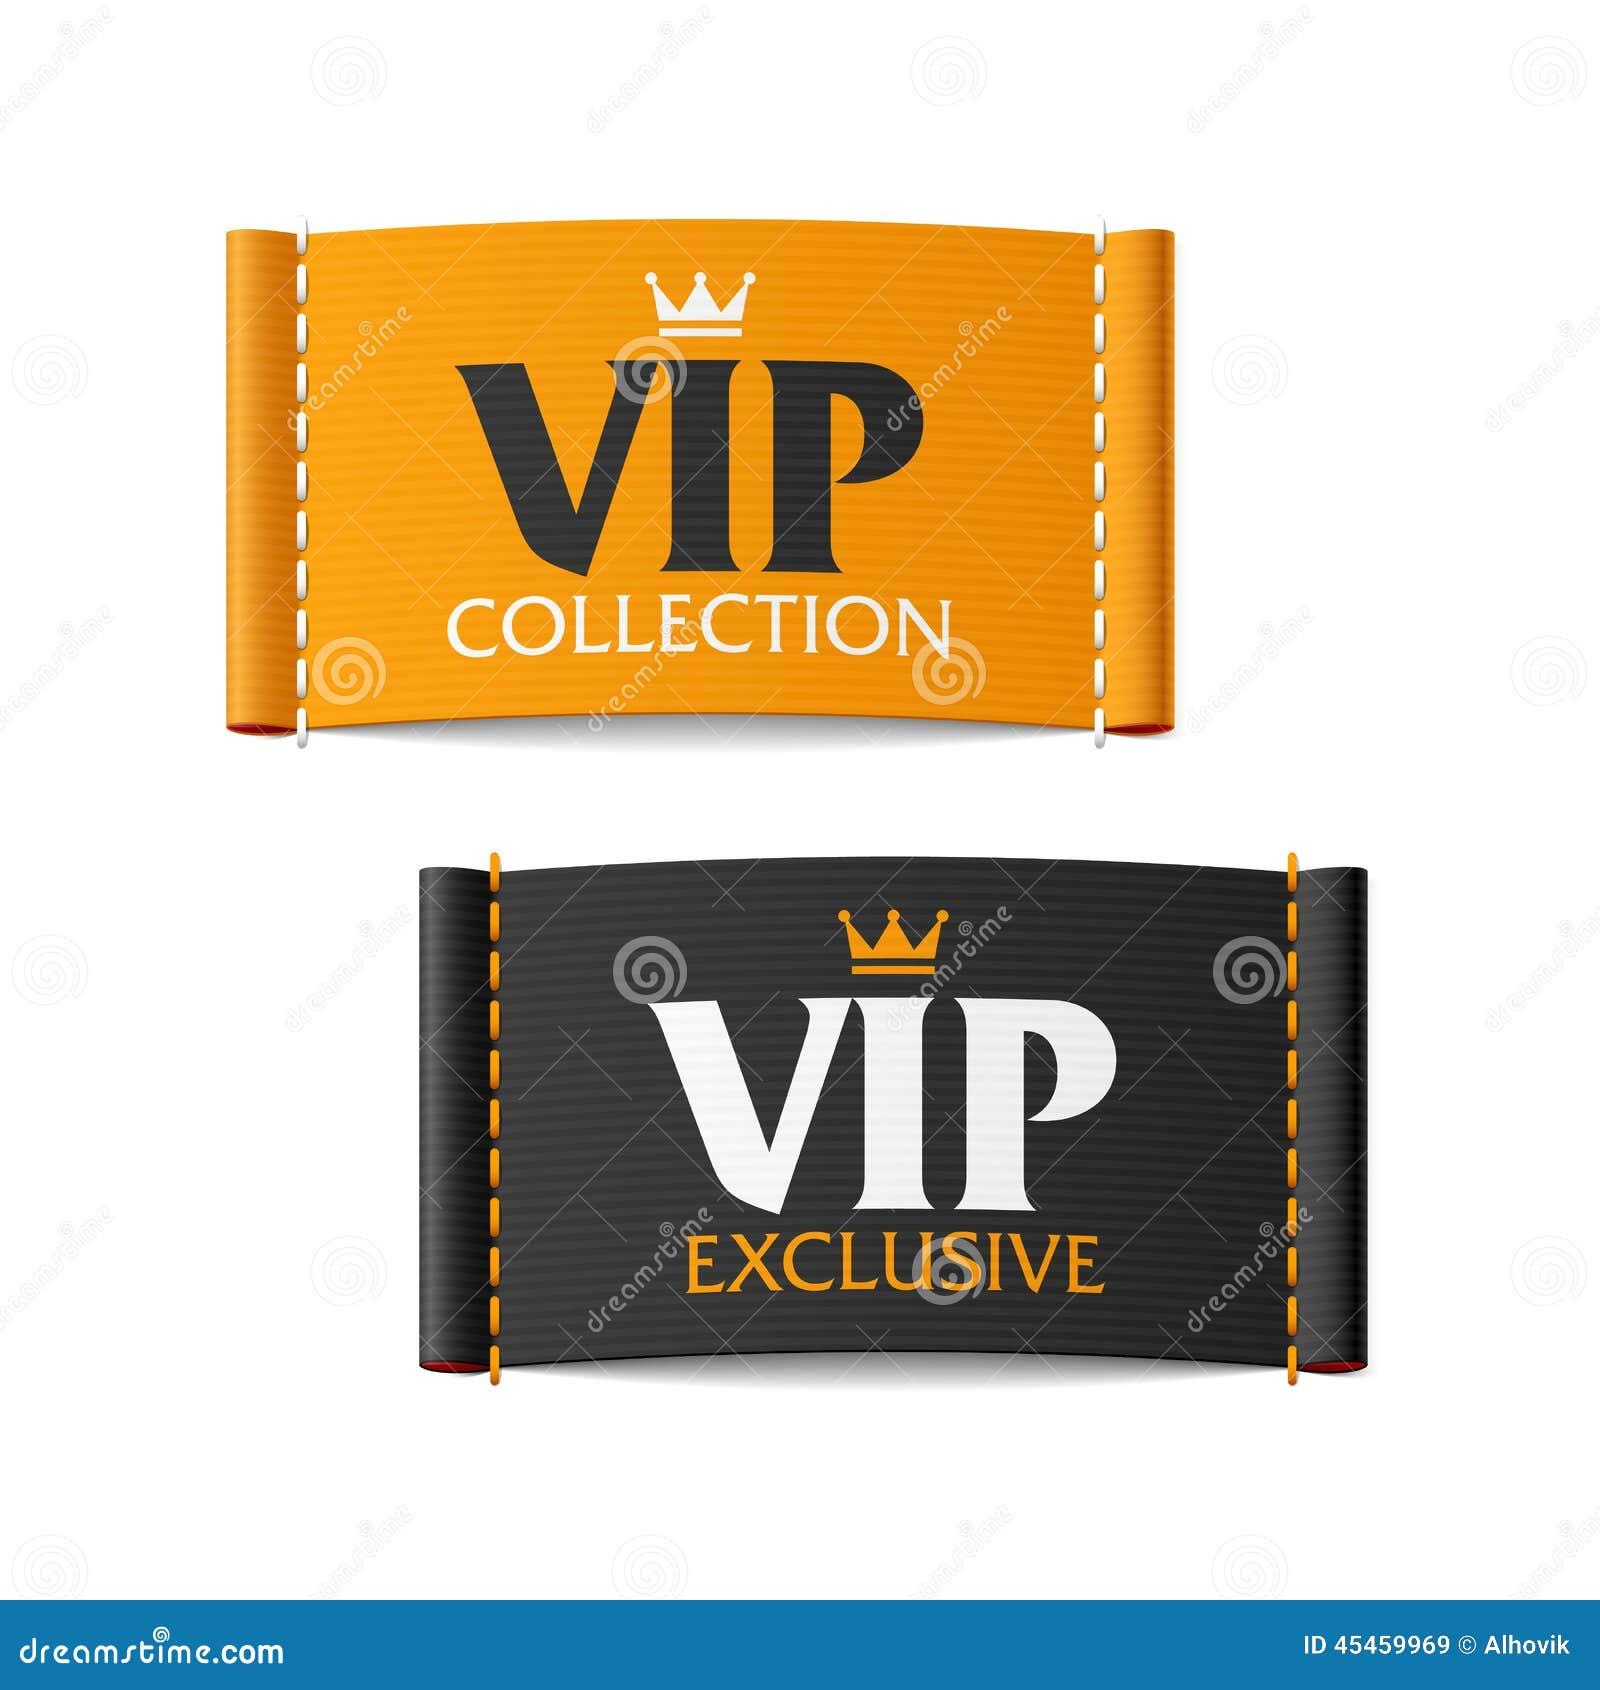 Raccolta di VIP ed etichette esclusive di VIP